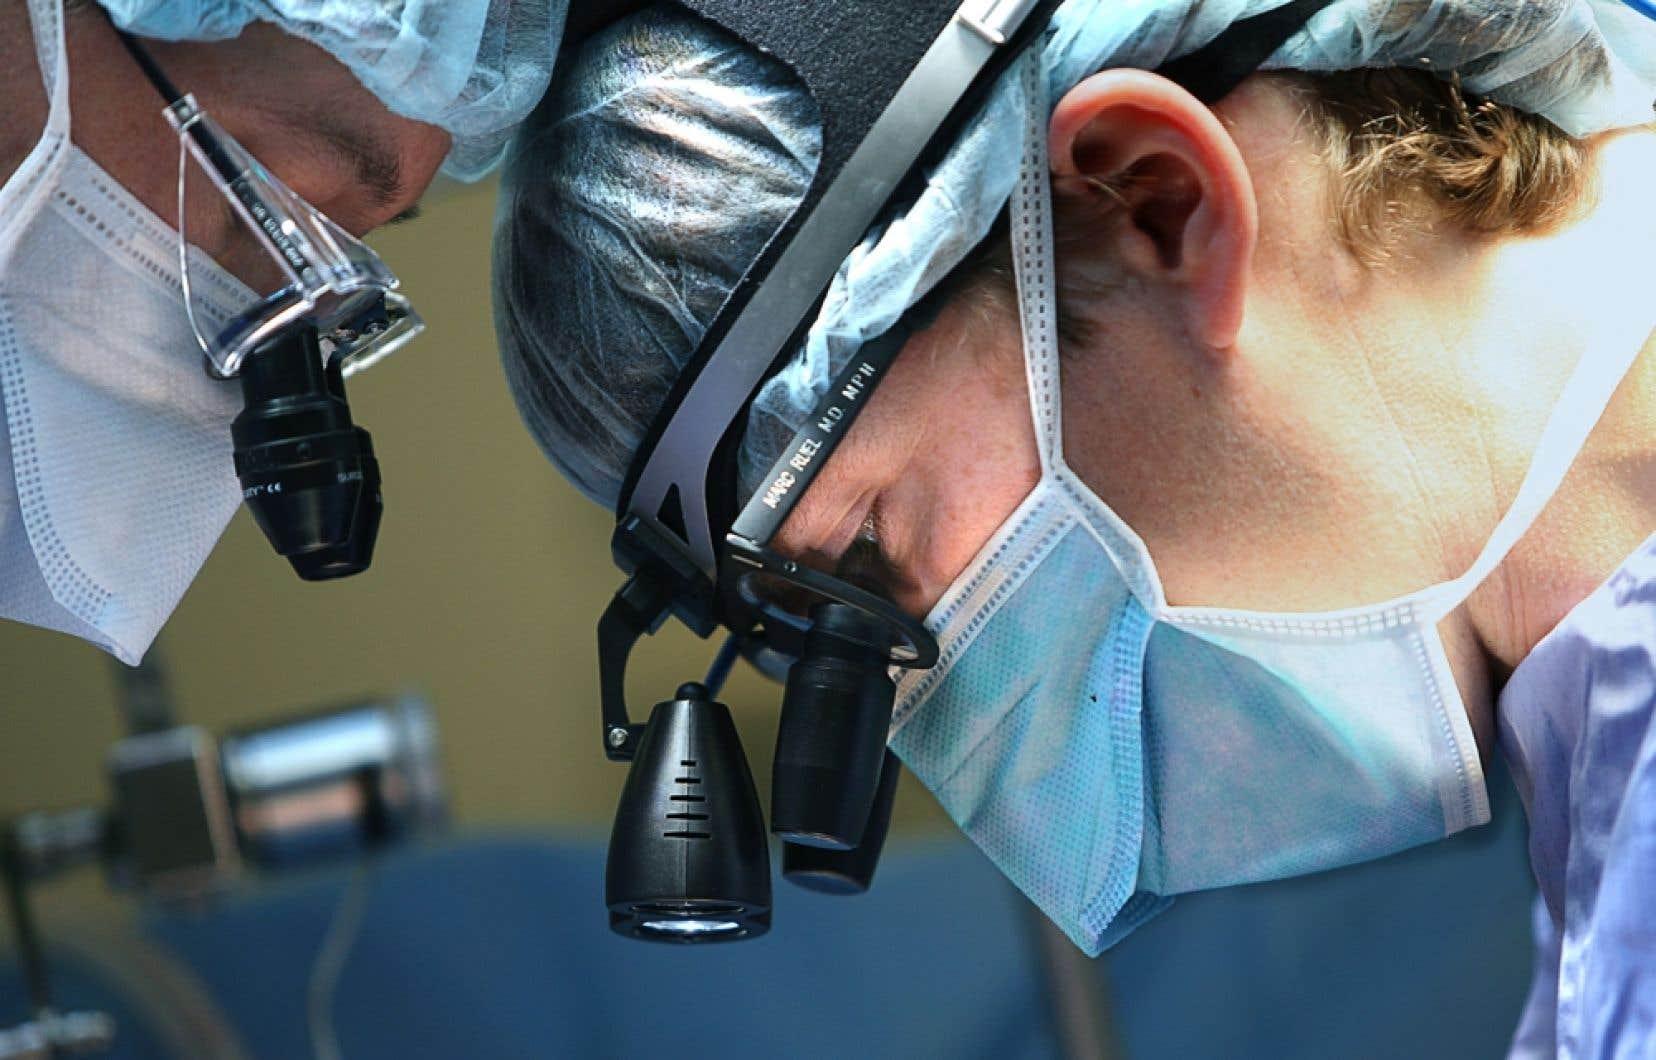 Le docteurMarc Ruel, chef de la chirurgie cardiaque à l'Institut de cardiologie de l'Université d'Ottawa, doute de la pertinence de ces cœurs artificiels totaux pour répondre au nombre croissant de personnes atteintes d'insuffisance cardiaque avancée.